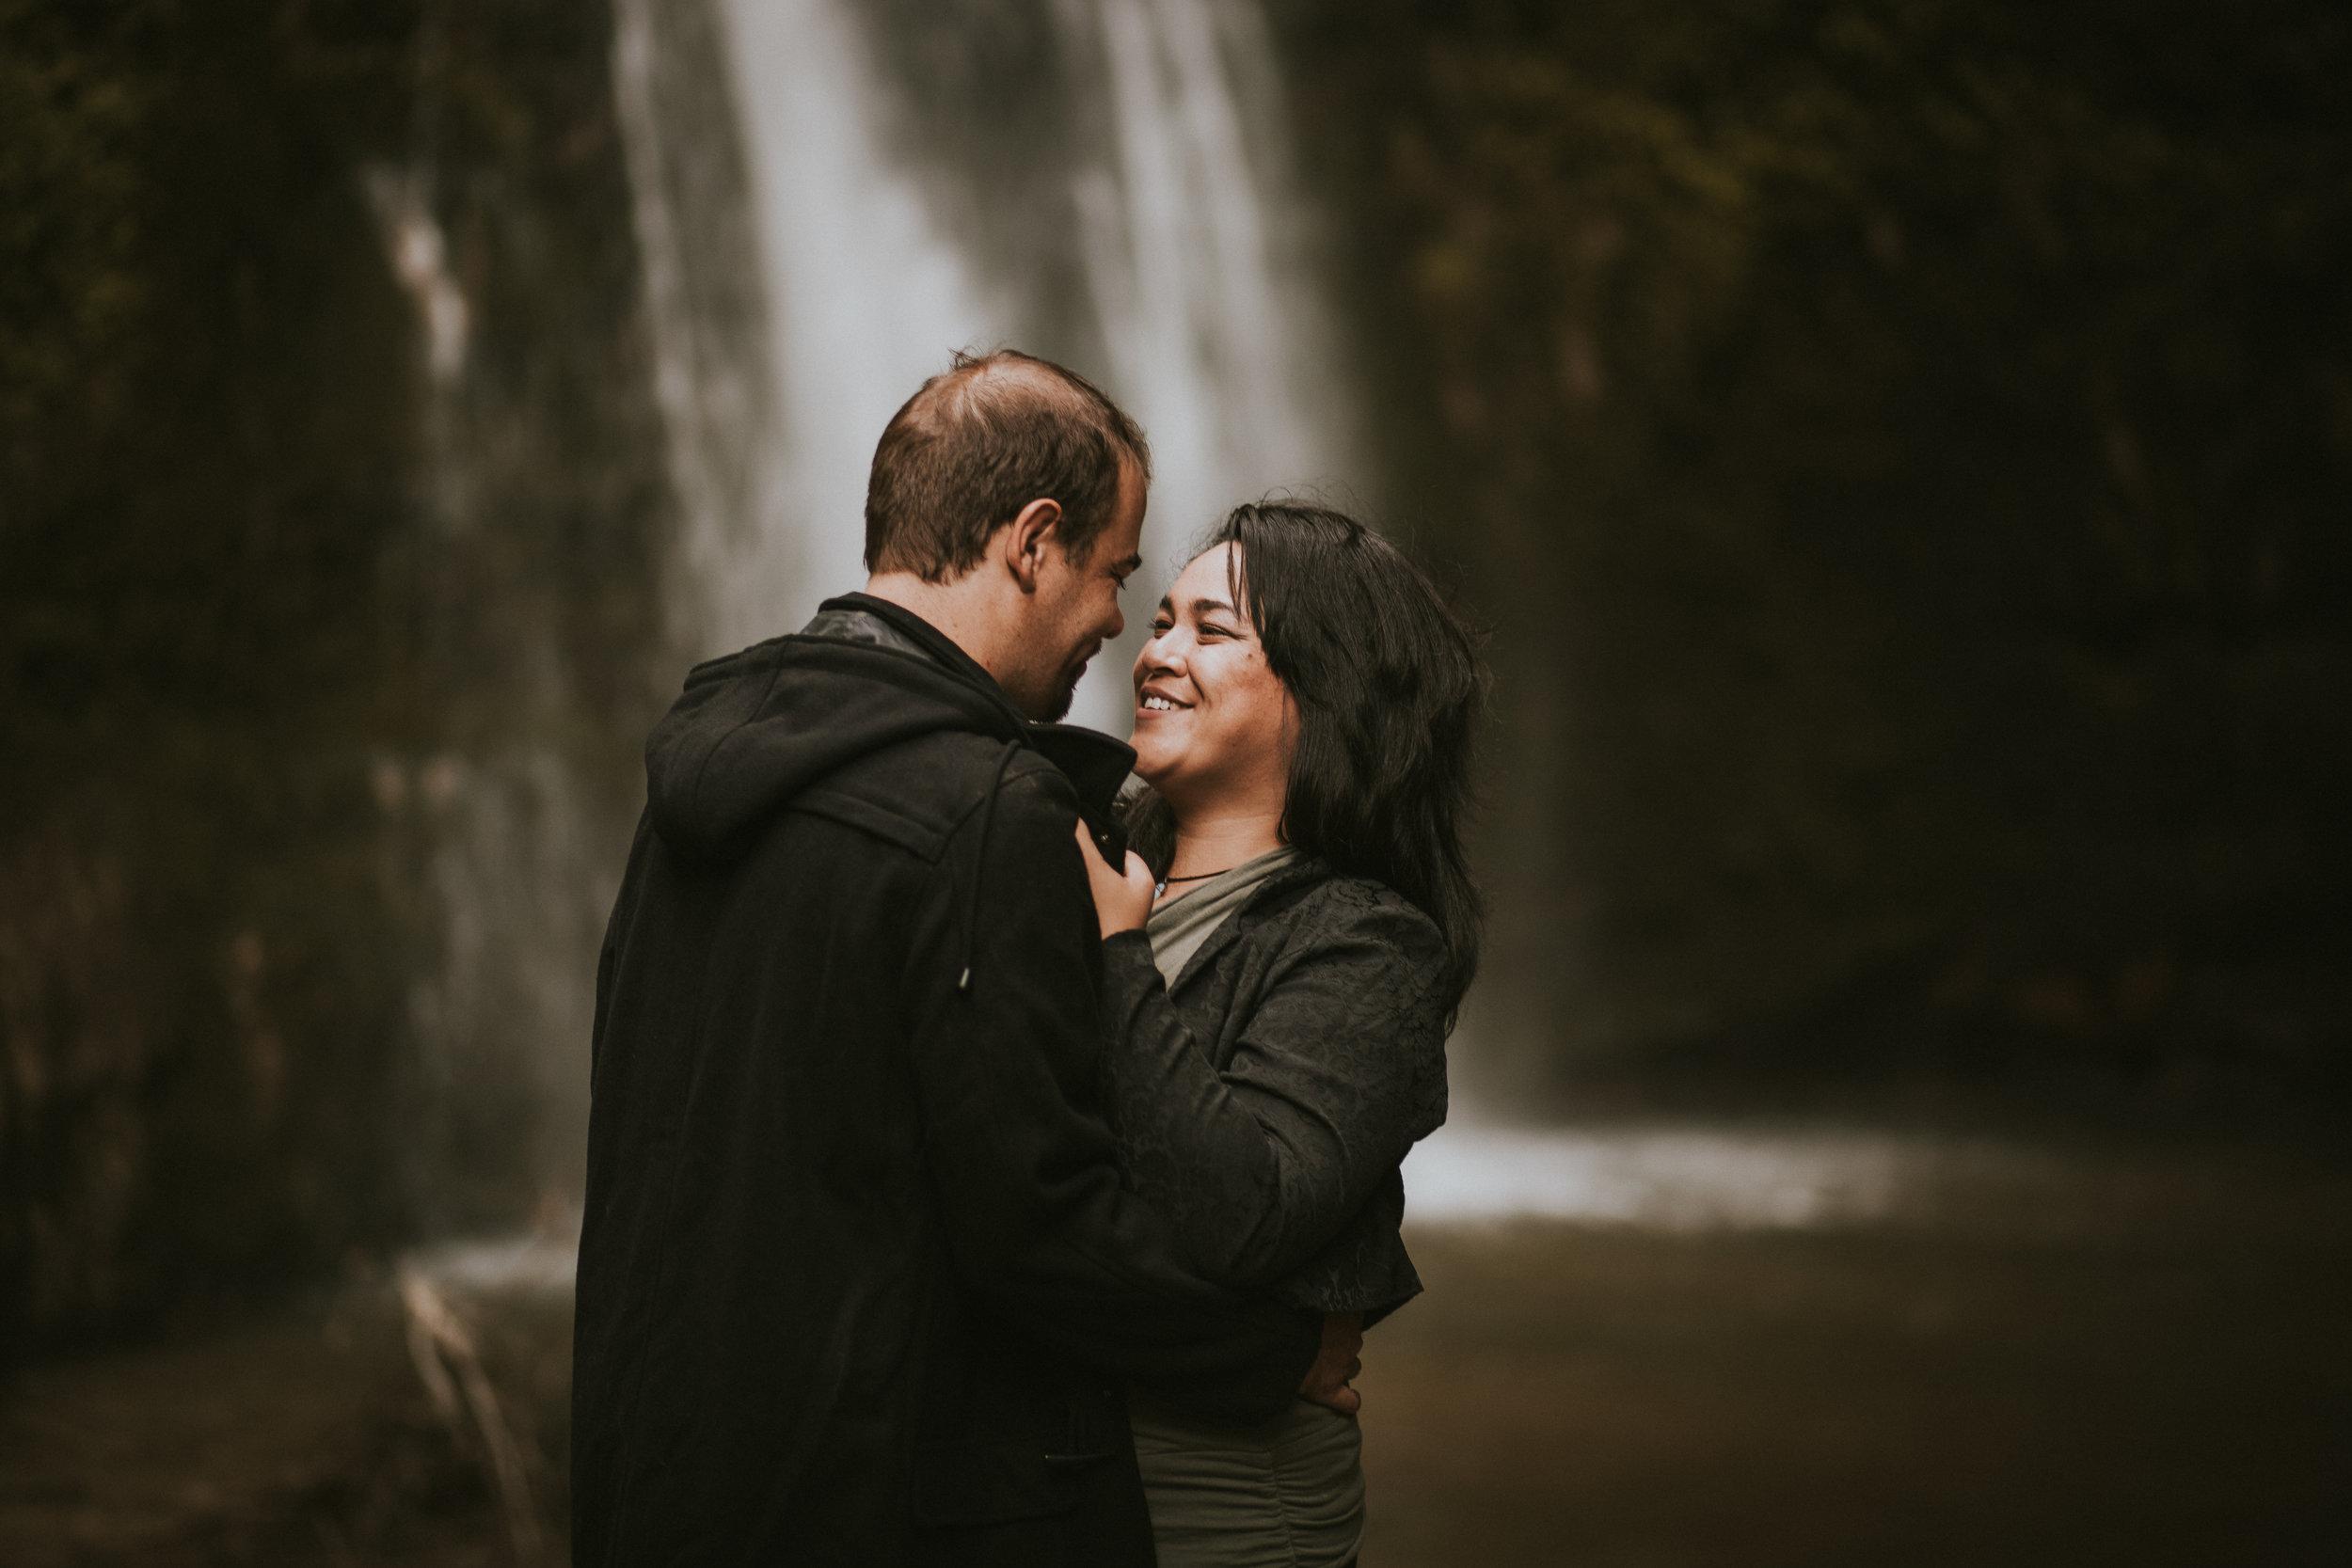 Lisa Fisher Photography - James & Lisa Engagement-27.jpg